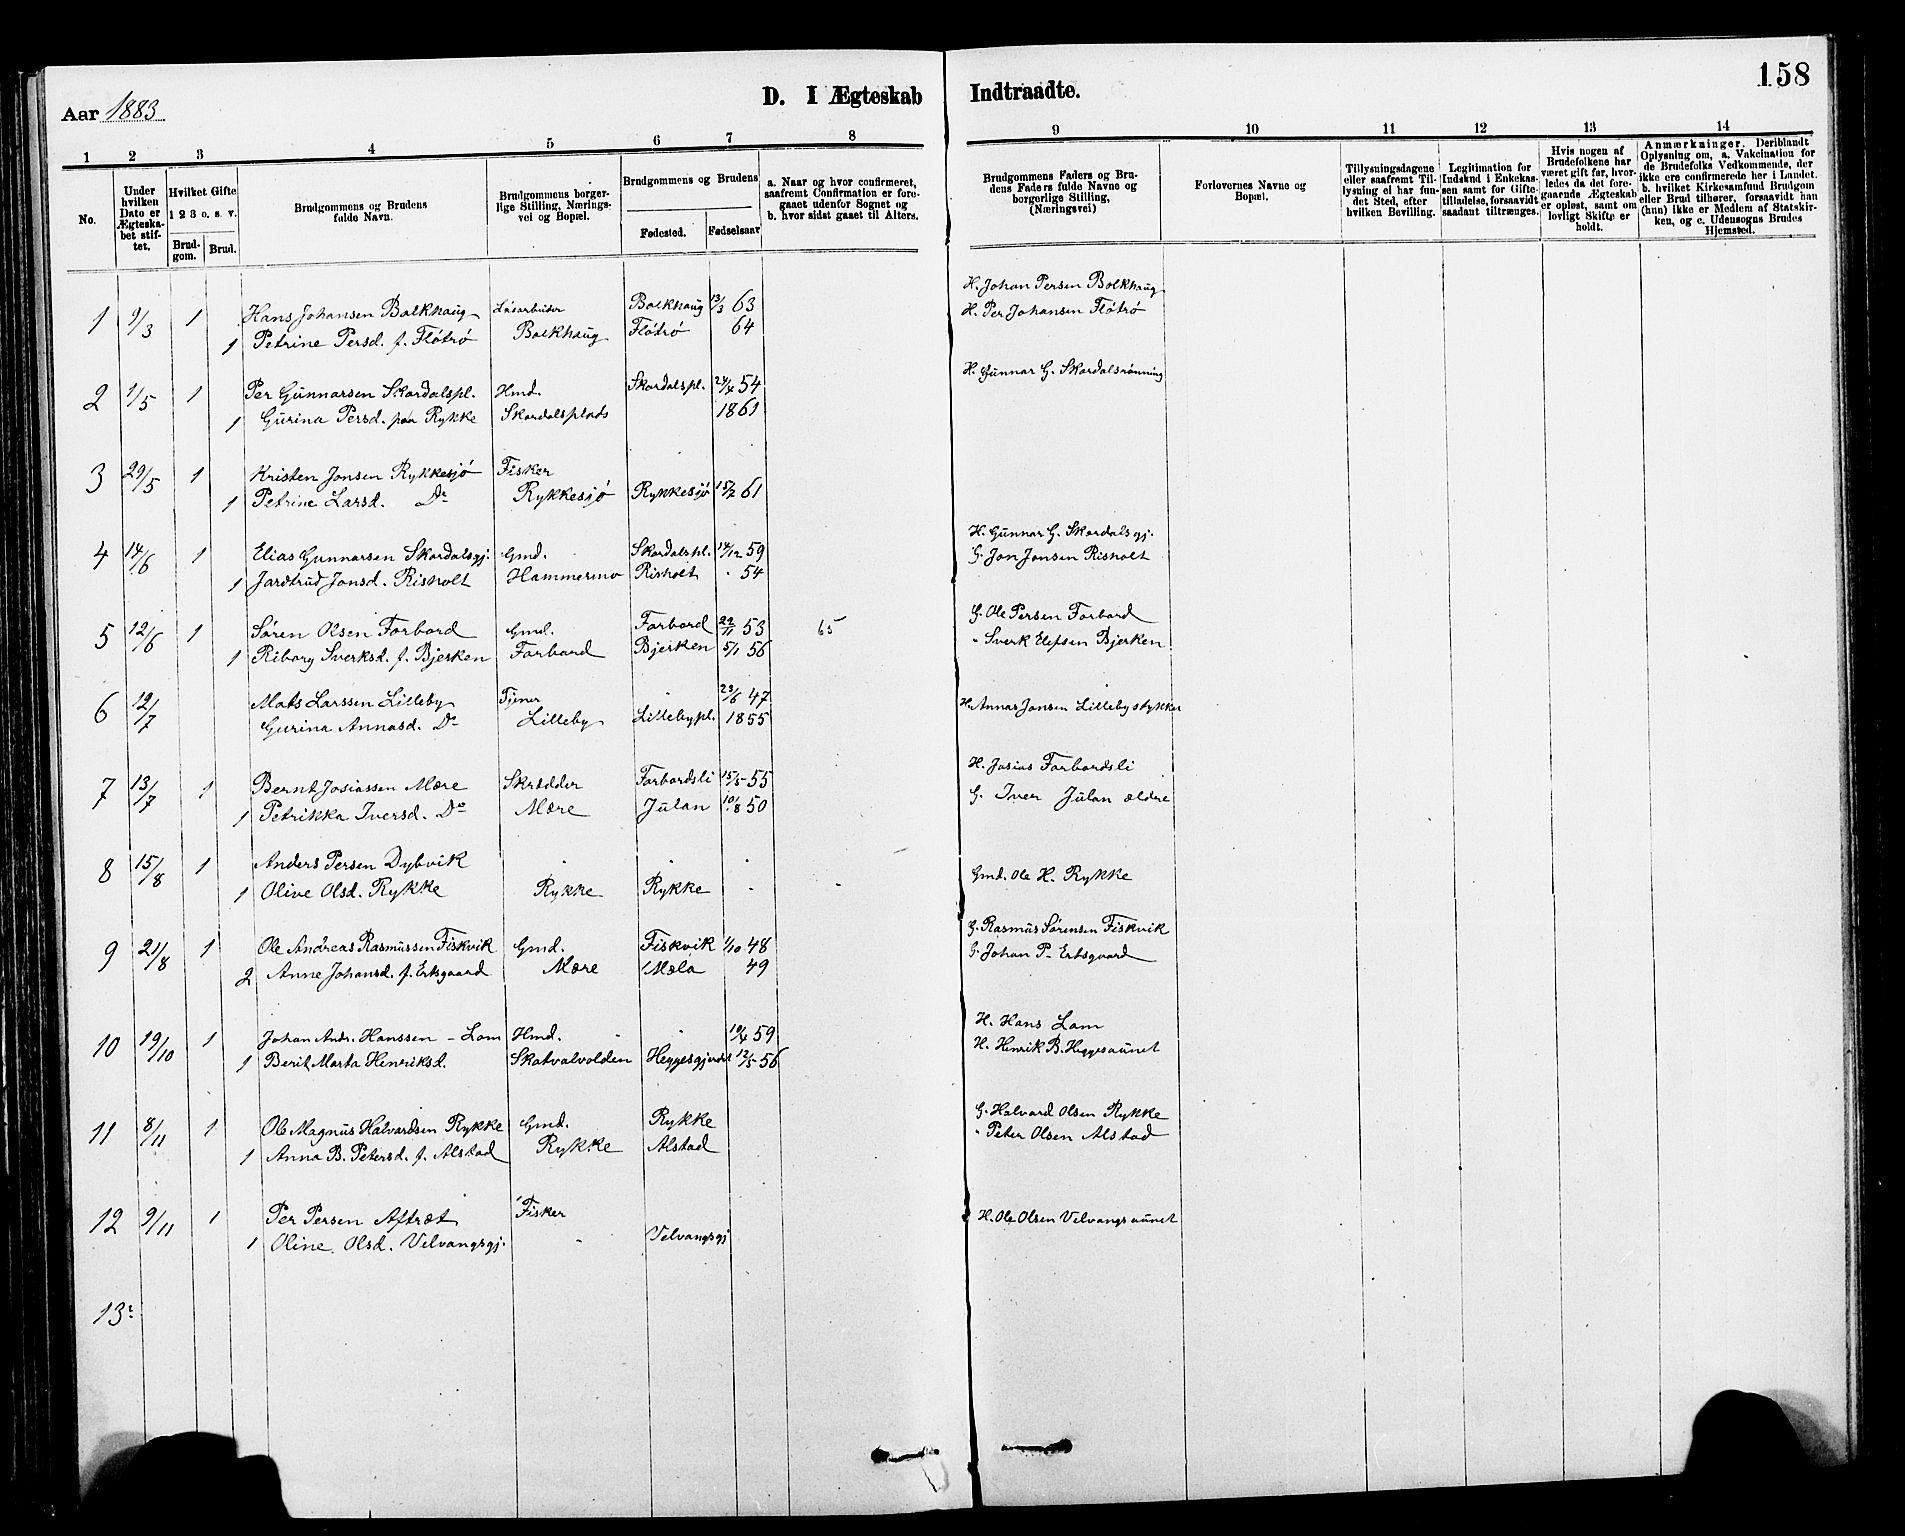 SAT, Ministerialprotokoller, klokkerbøker og fødselsregistre - Nord-Trøndelag, 712/L0103: Klokkerbok nr. 712C01, 1878-1917, s. 158